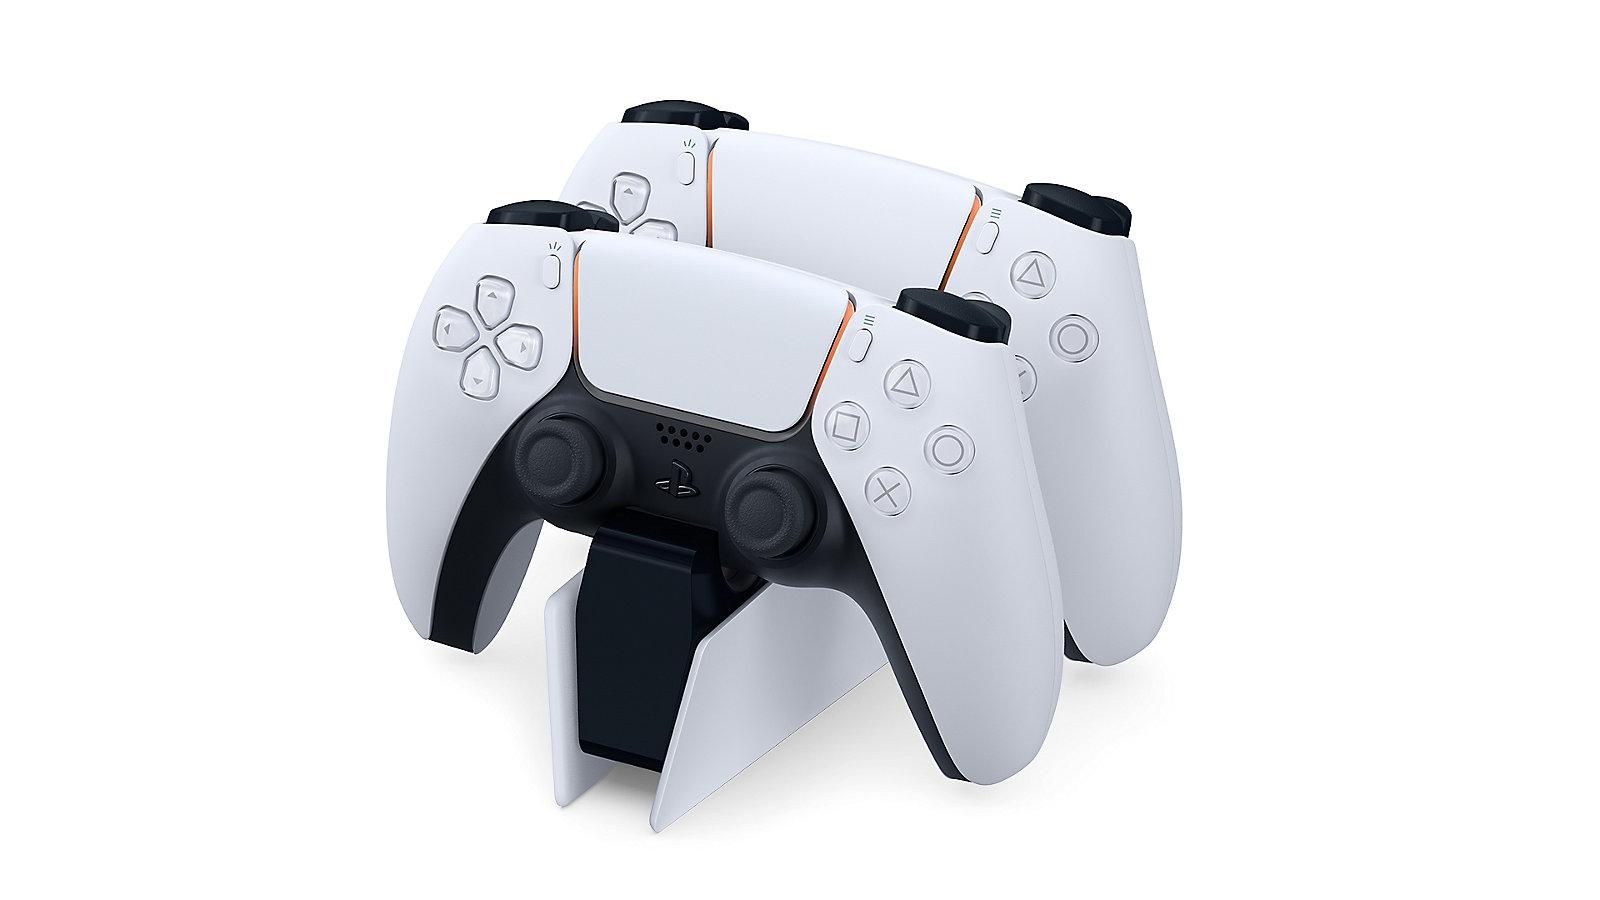 Tay cầm chơi Game Sony PS5 DualSense có thể sạc nhanh dễ dàng với trạm sạc